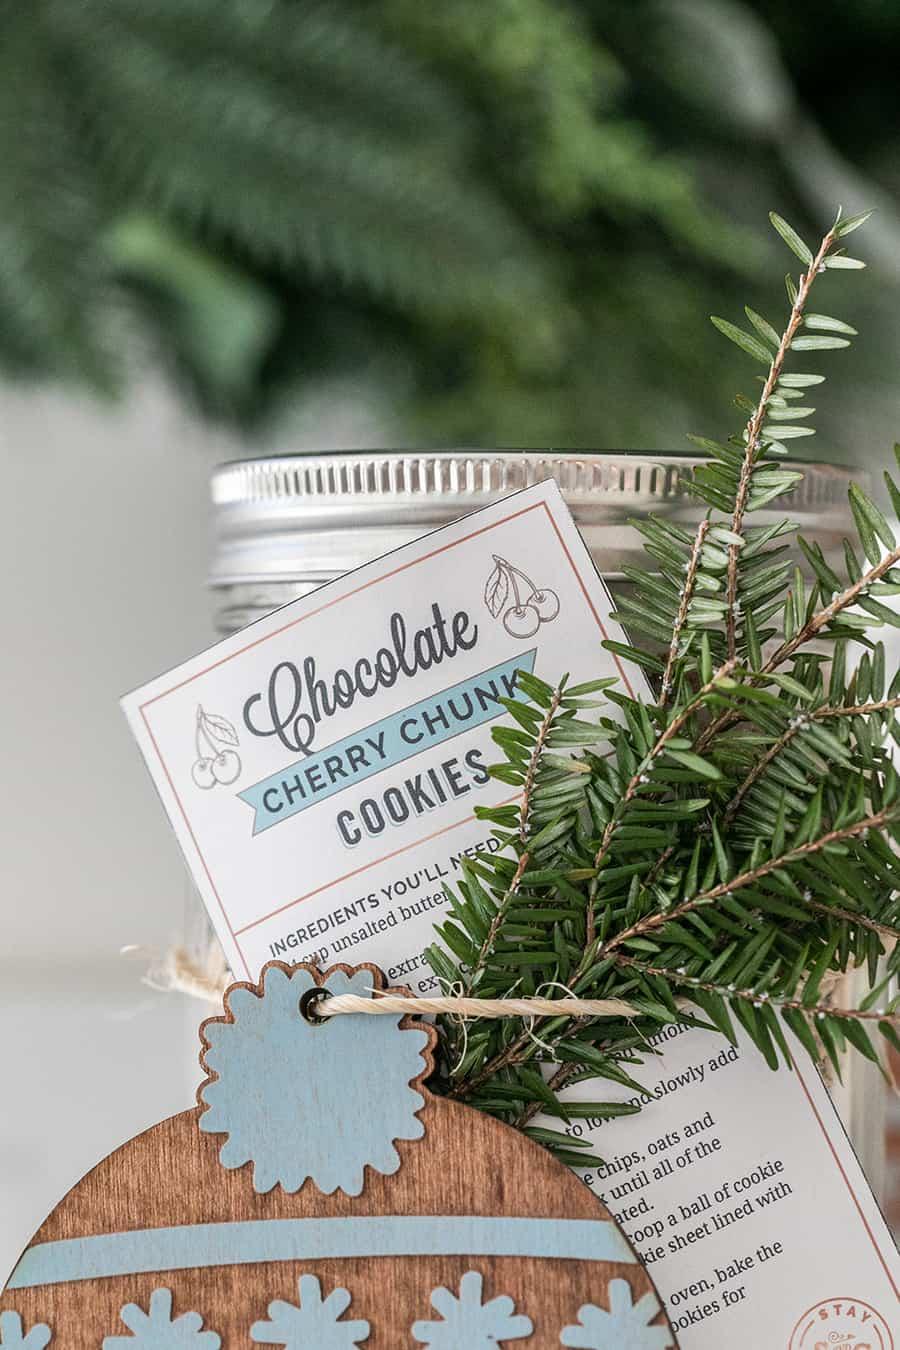 Cookies in a jar tag